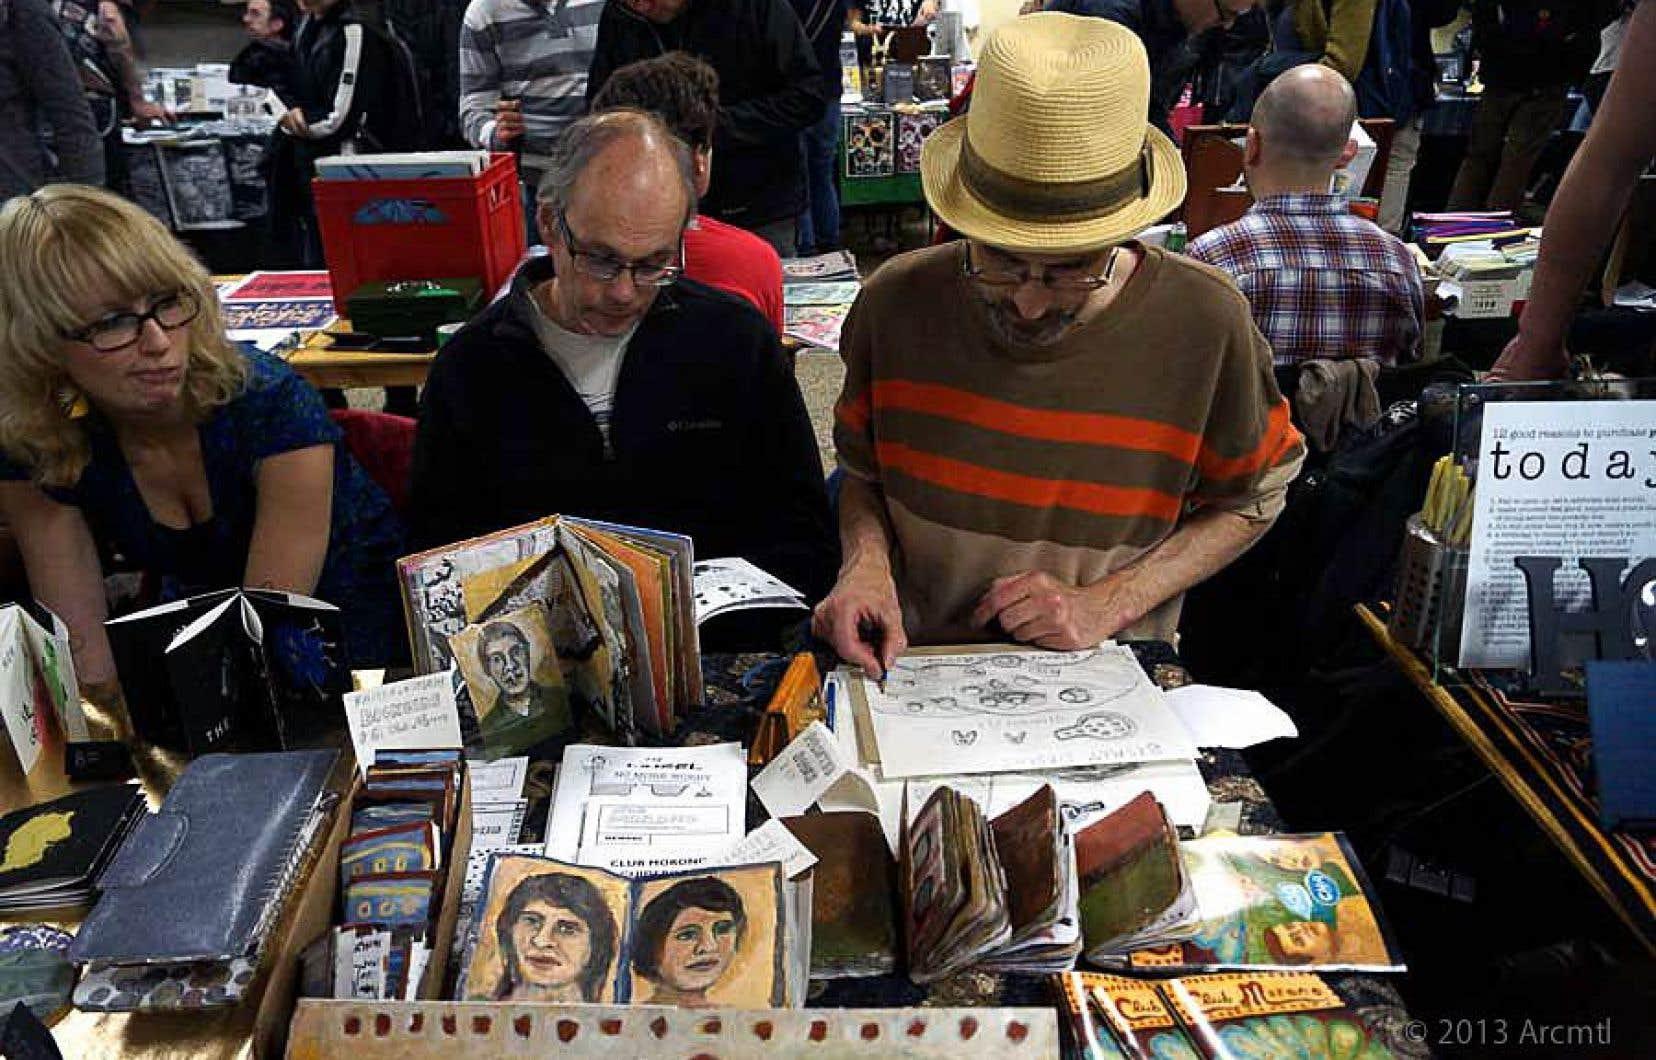 Chaque année depuis 2002, Archive Montréal organise la foire Expozine, un salon montréalais de fanzines, de bandes dessinées, de livres-objets et sérigraphies qui attire 20000 visiteurs.